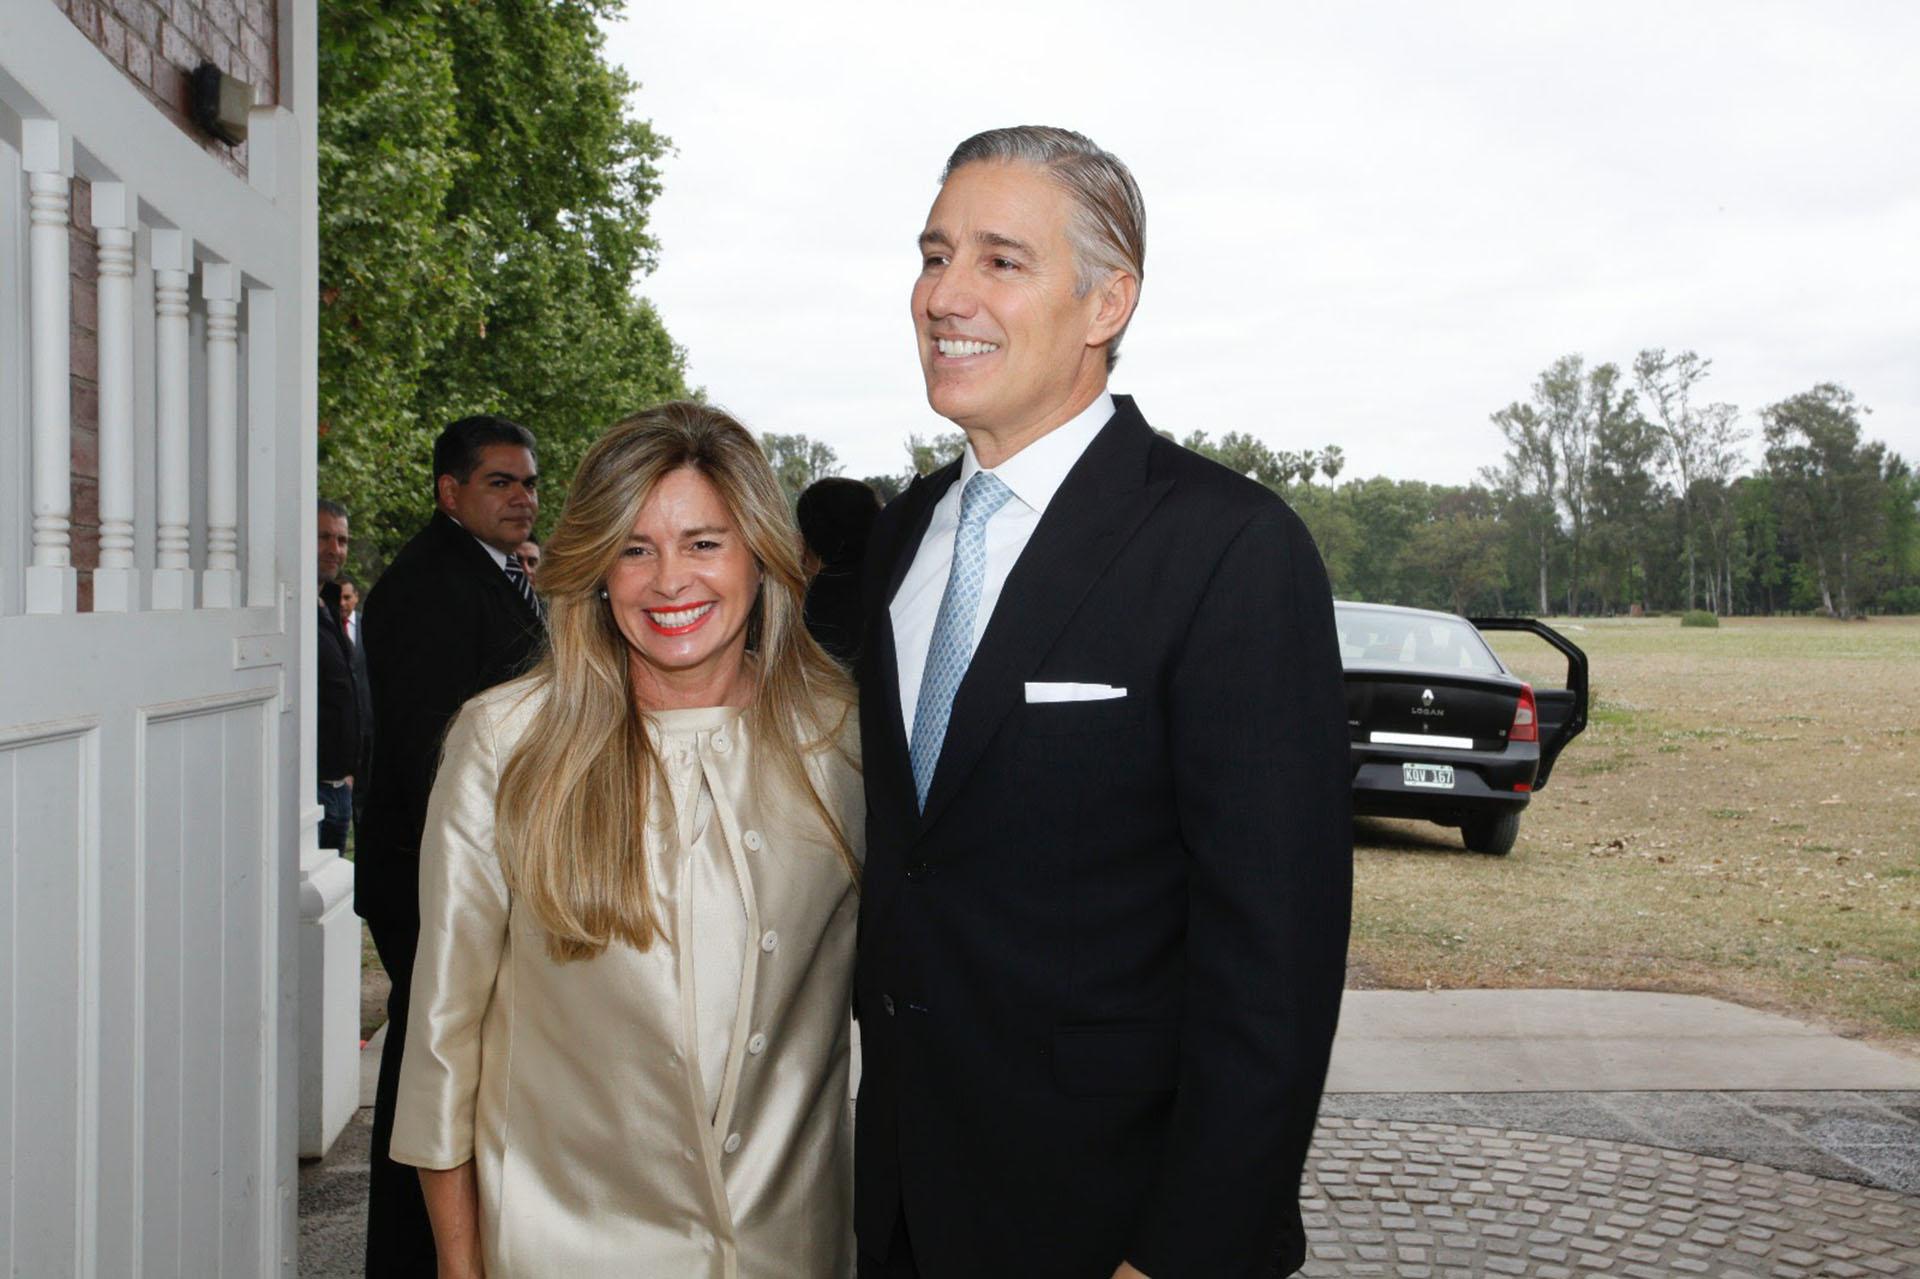 La senadora María Laura Leguizamón y el empresario Marcelo Figueiras.